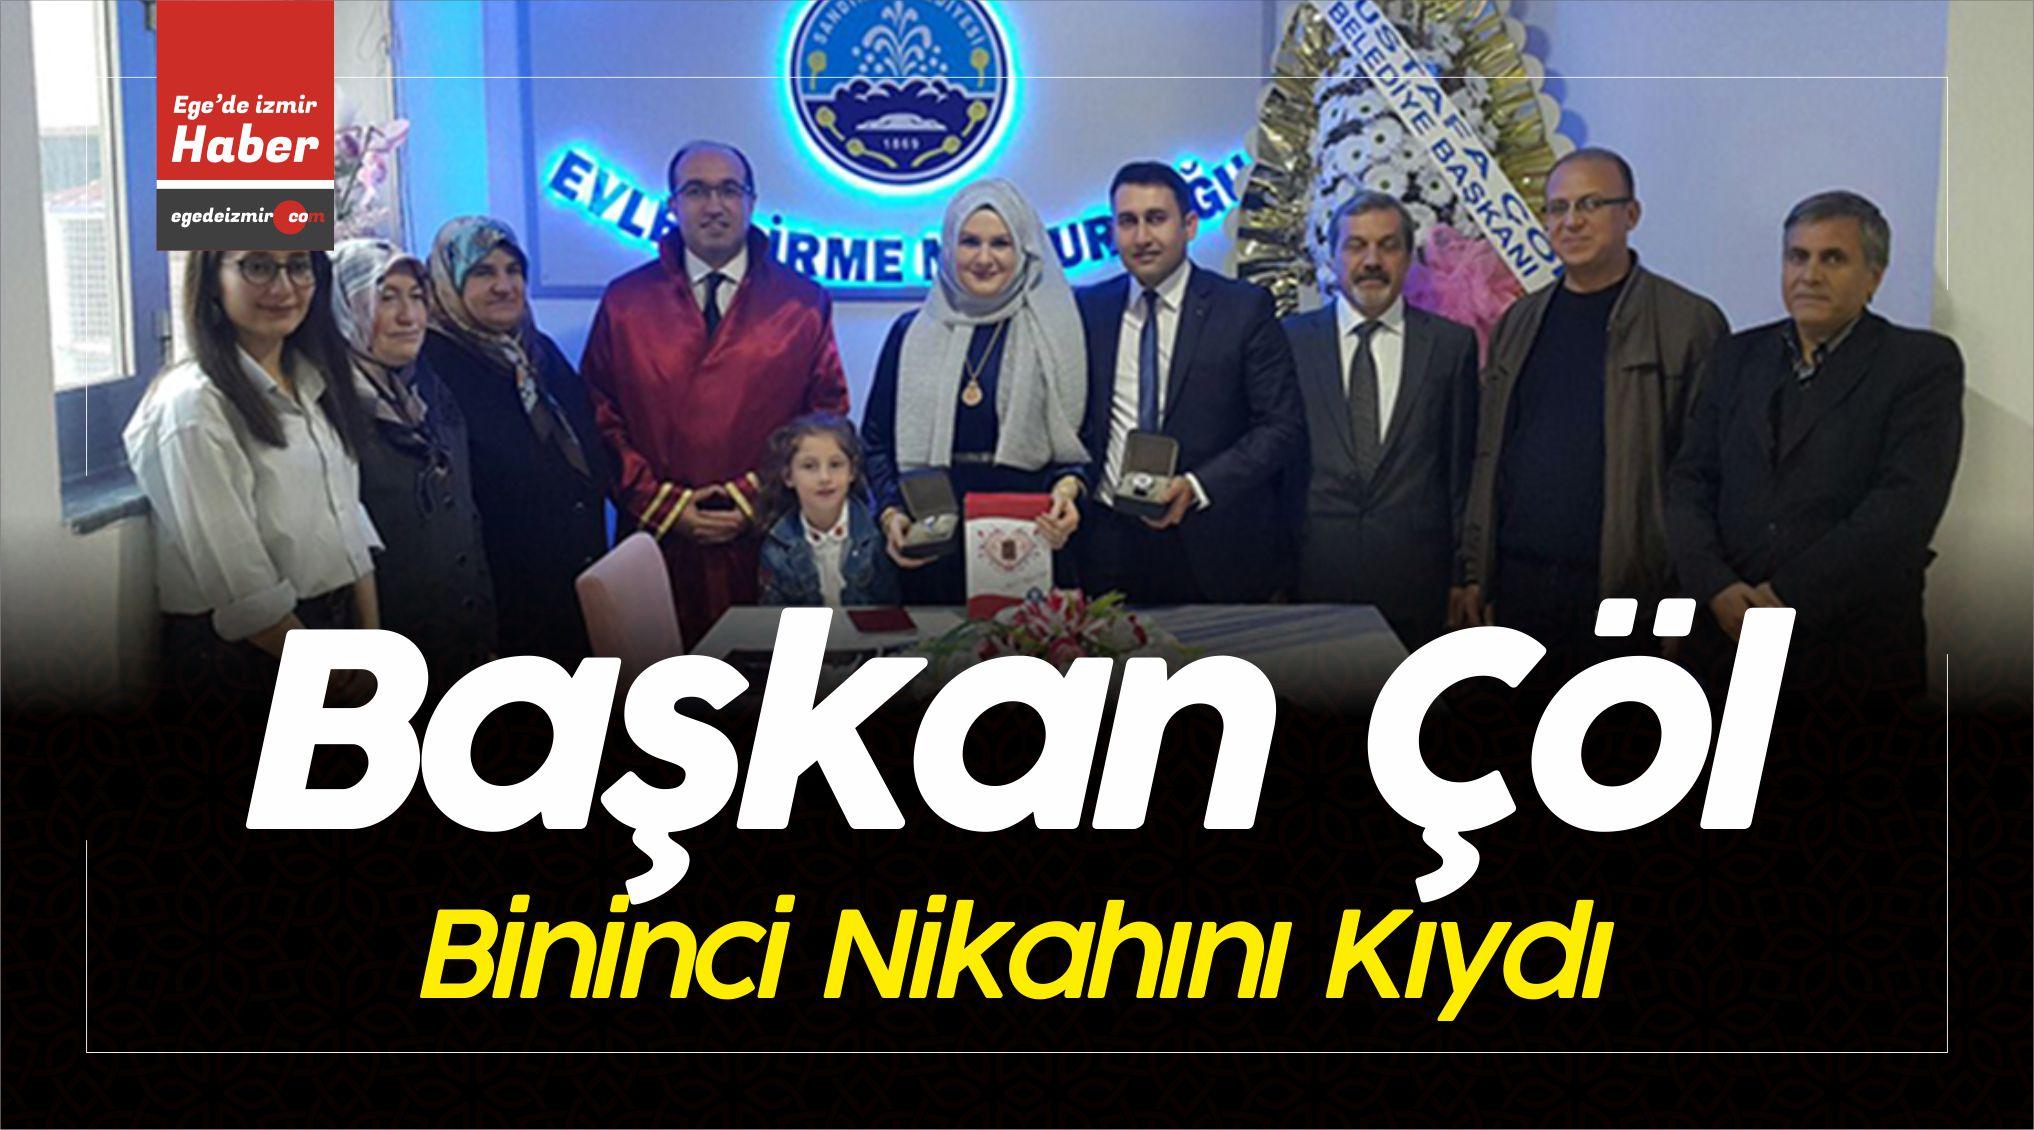 Belediye Başkanı Mustafa Çöl, Bin Kişinin Nikahını Kıydı